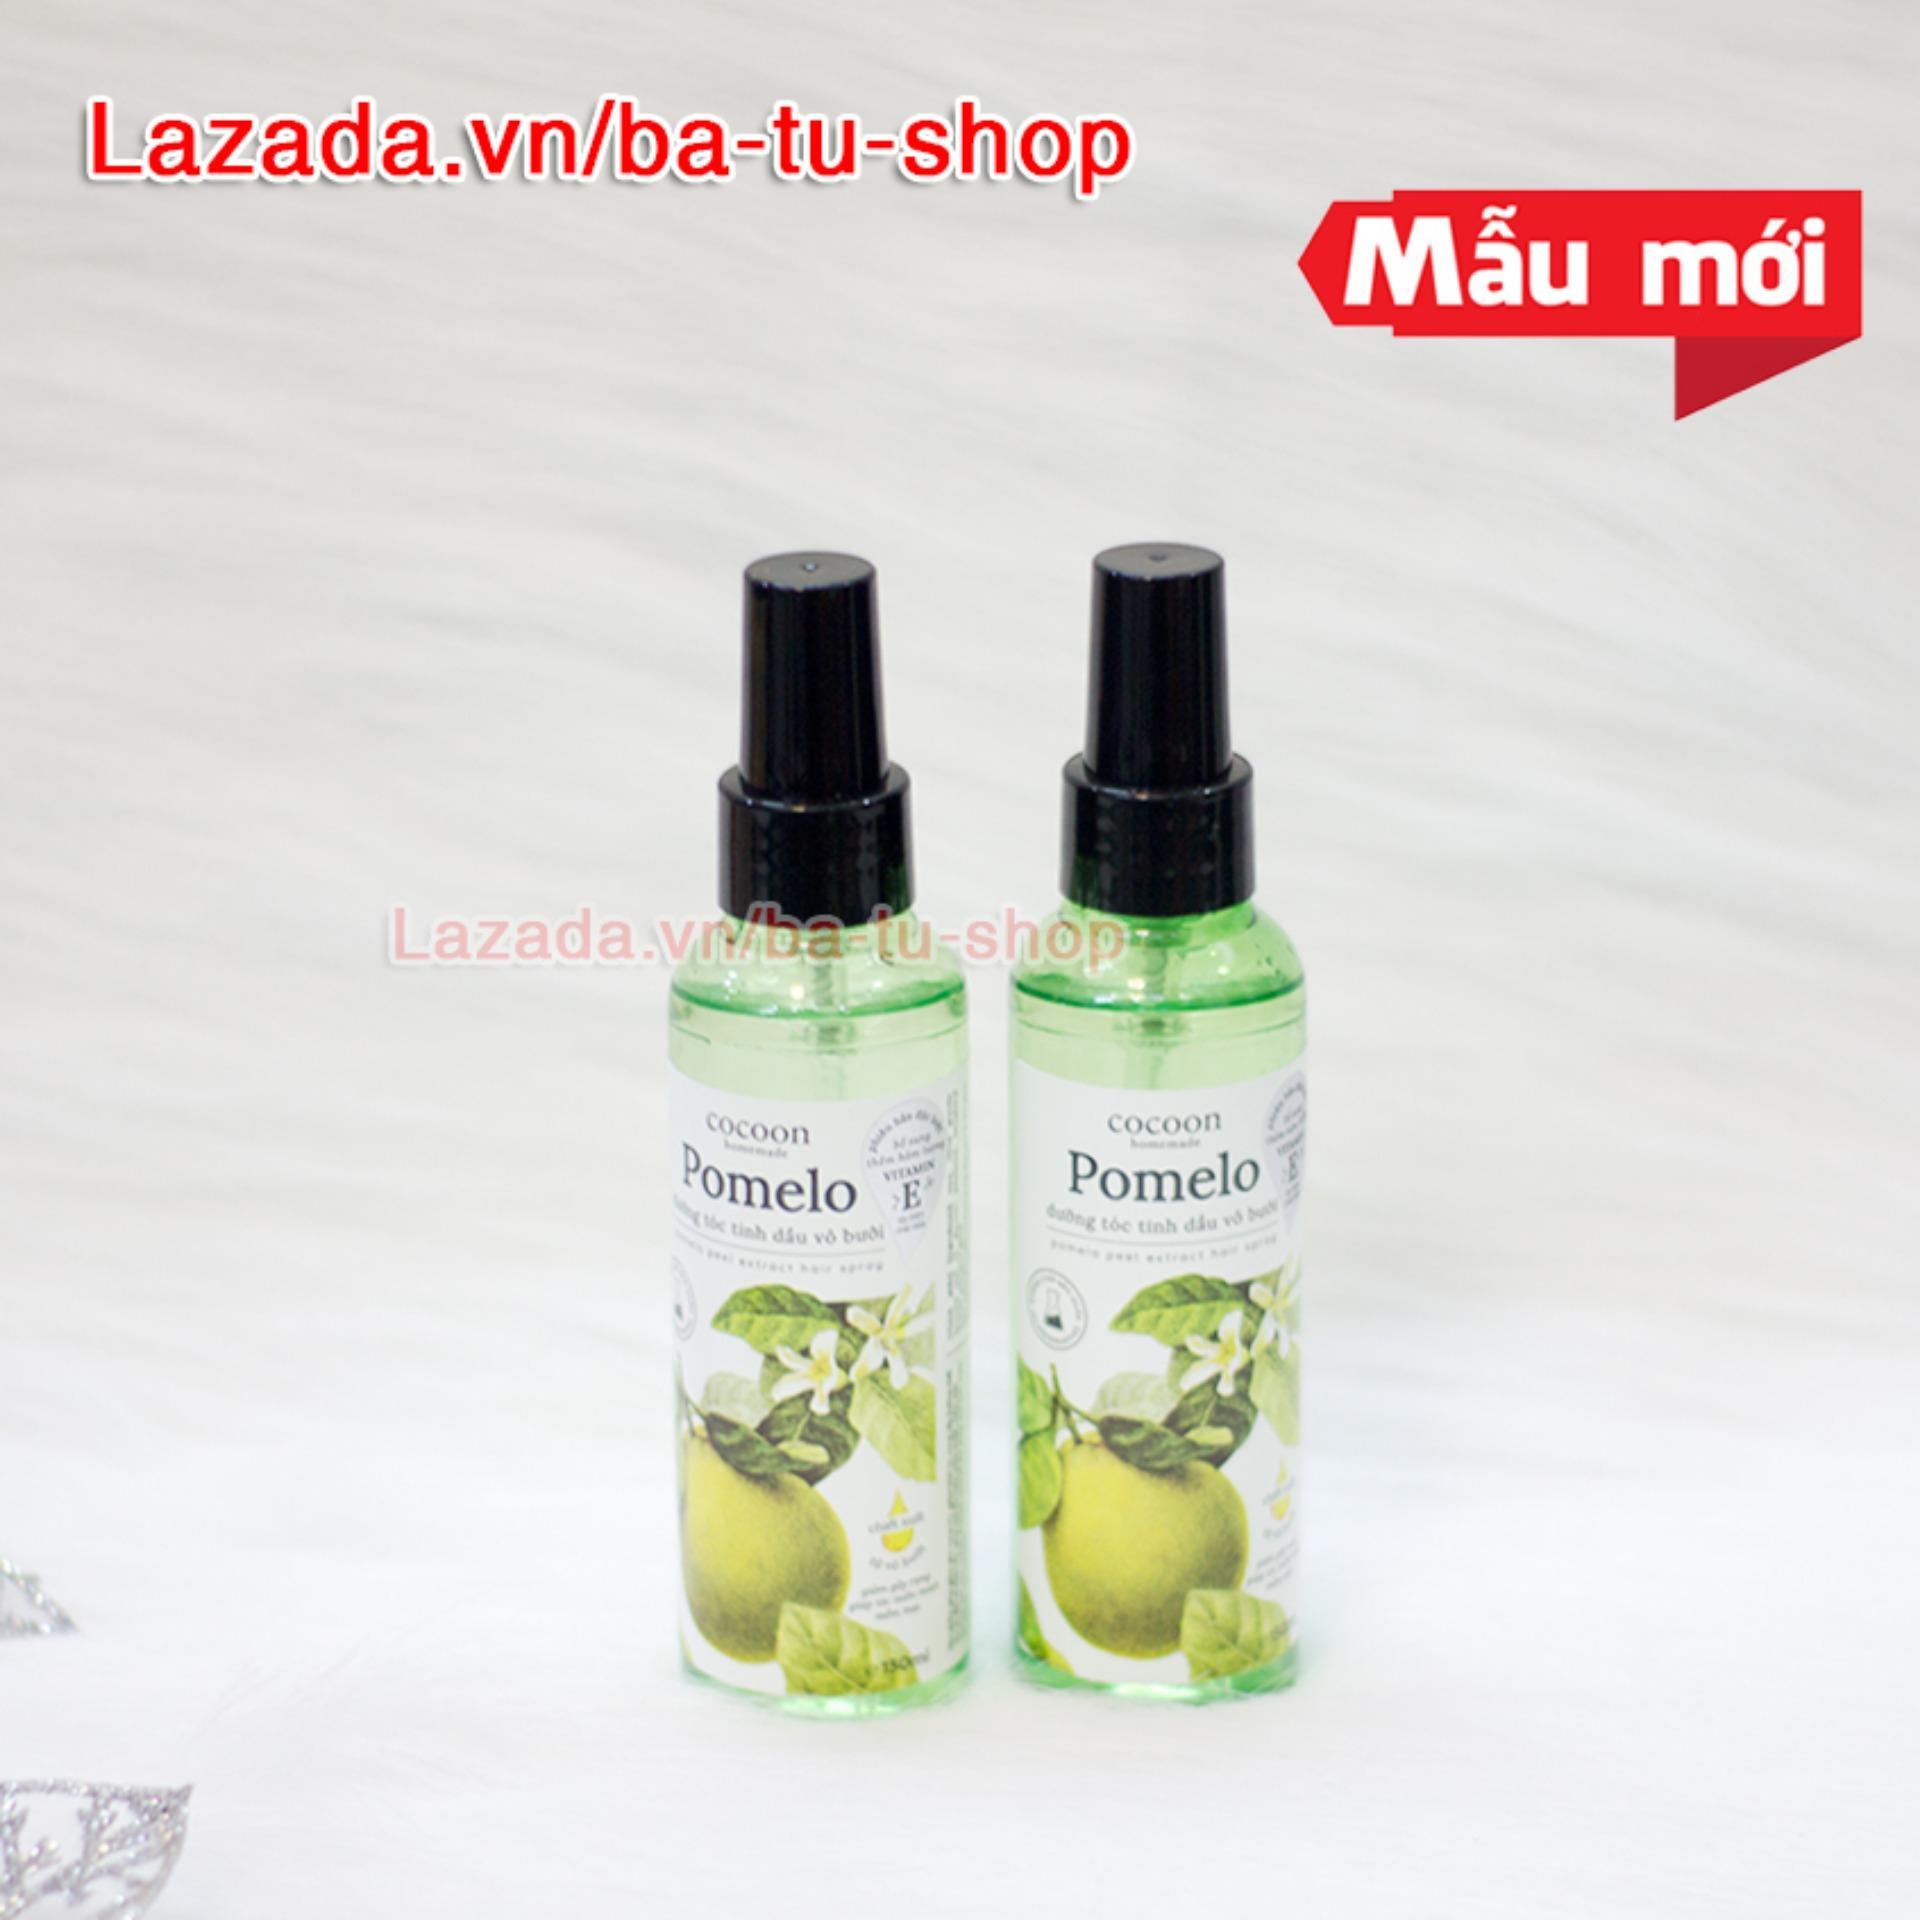 Bộ 2 chai xịt bưởi Cocoon kích thích mọc tóc, ngăn rụng tóc 130ml nhập khẩu